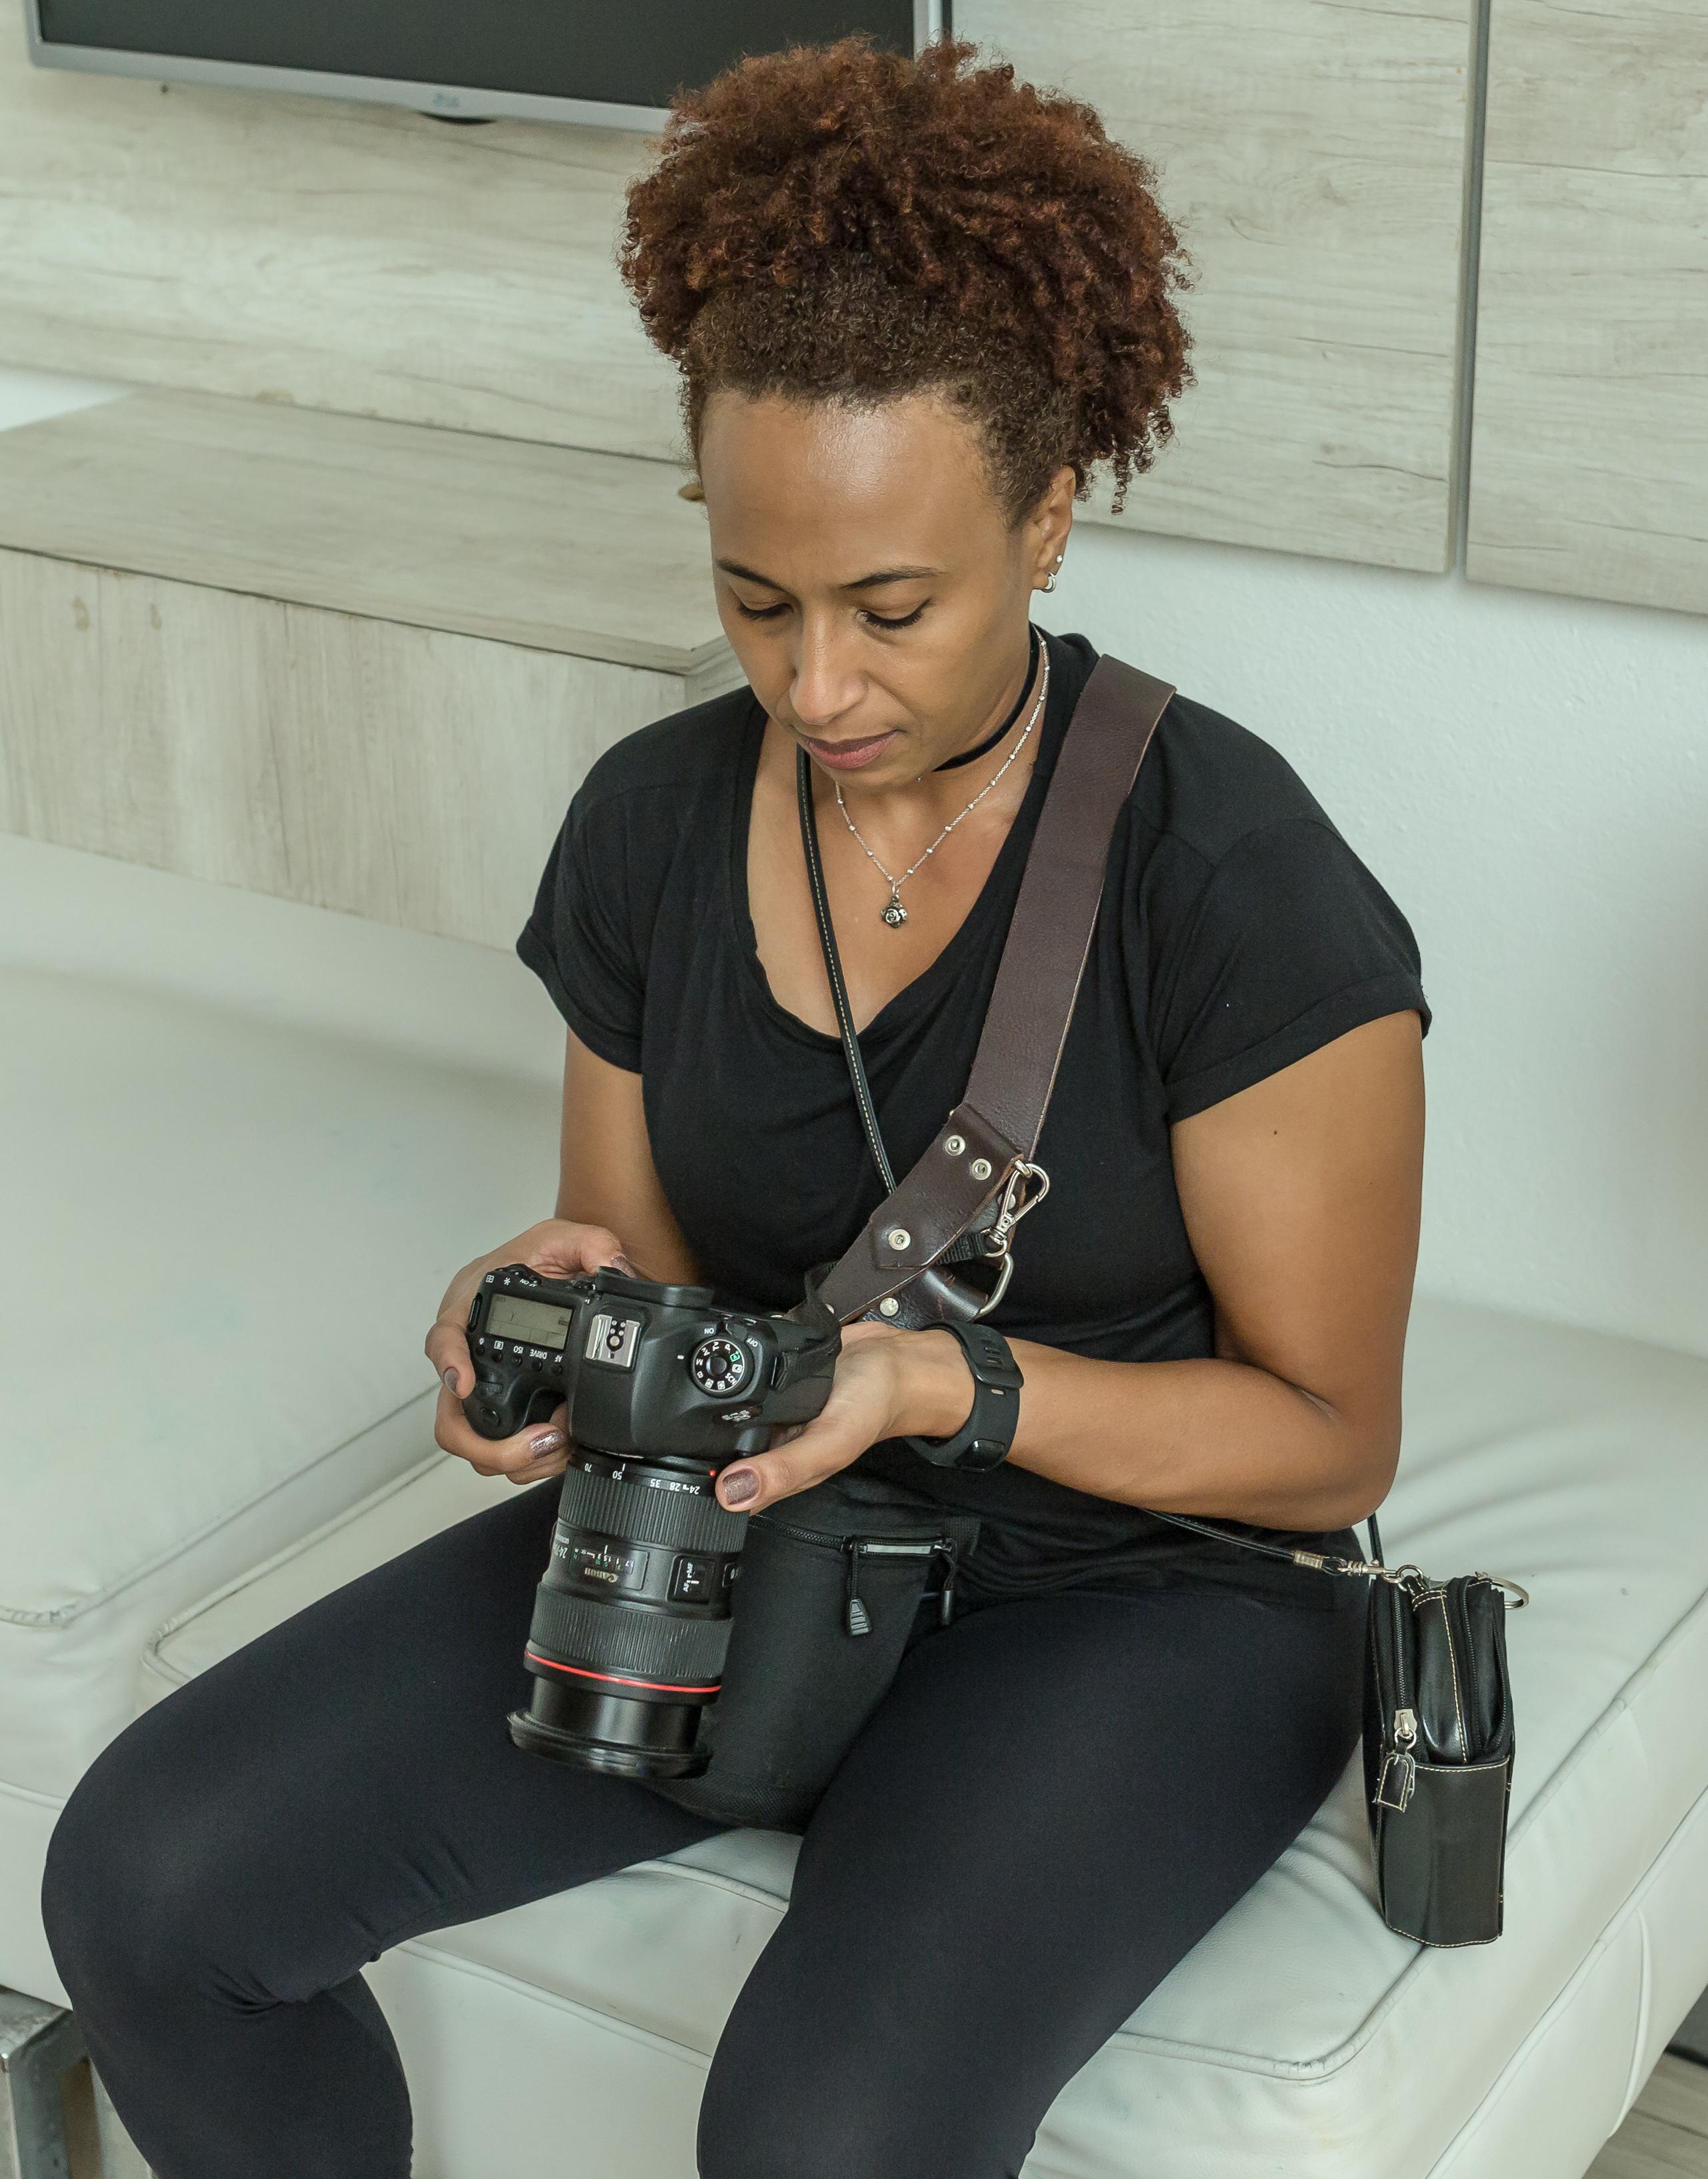 Sobre Fotografo especializado em casamento, infantil e família na cidade de Guarulhos e São Paulo - David Aboothy Fotografia